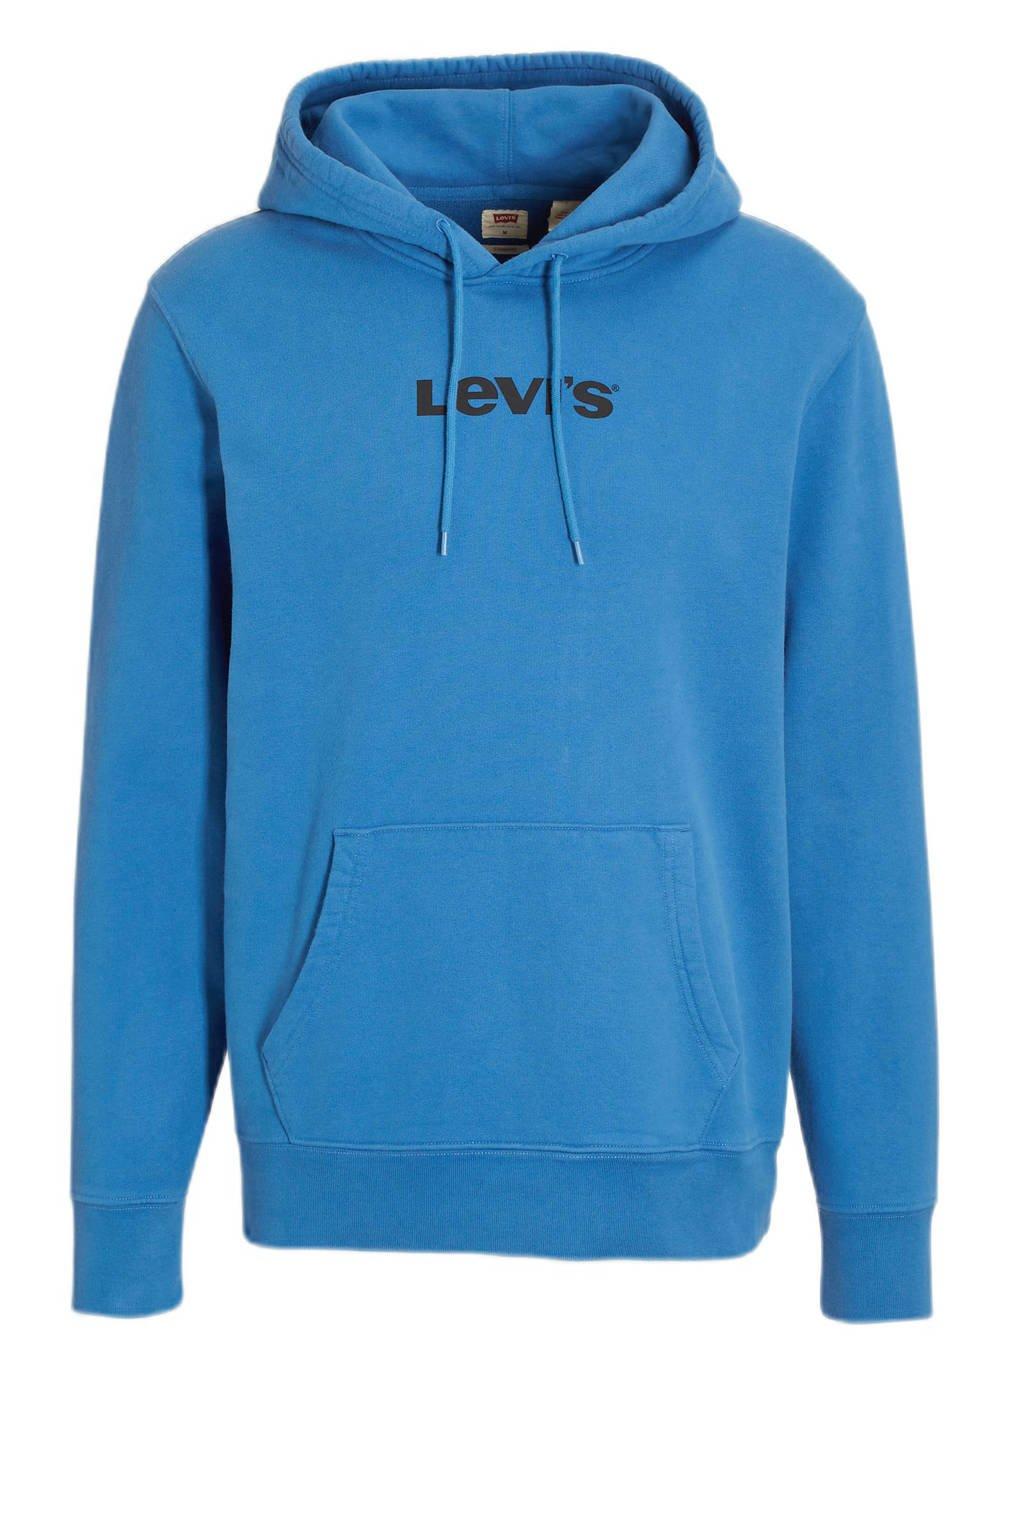 Levi's hoodie met logo blauw, Blauw